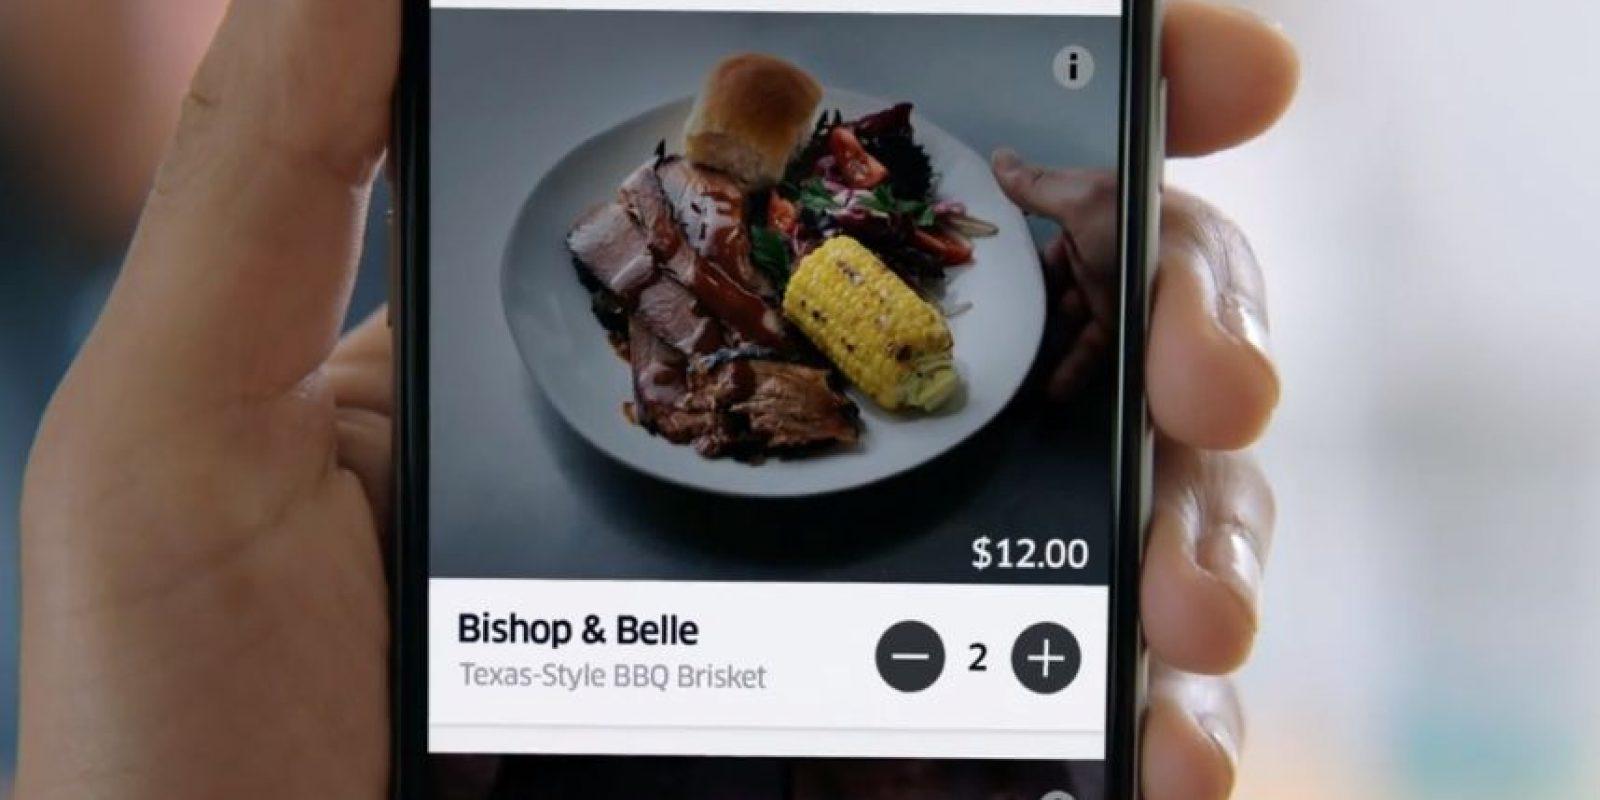 El comensal pide su comida desde la aplicación de Uber. Foto:Uber